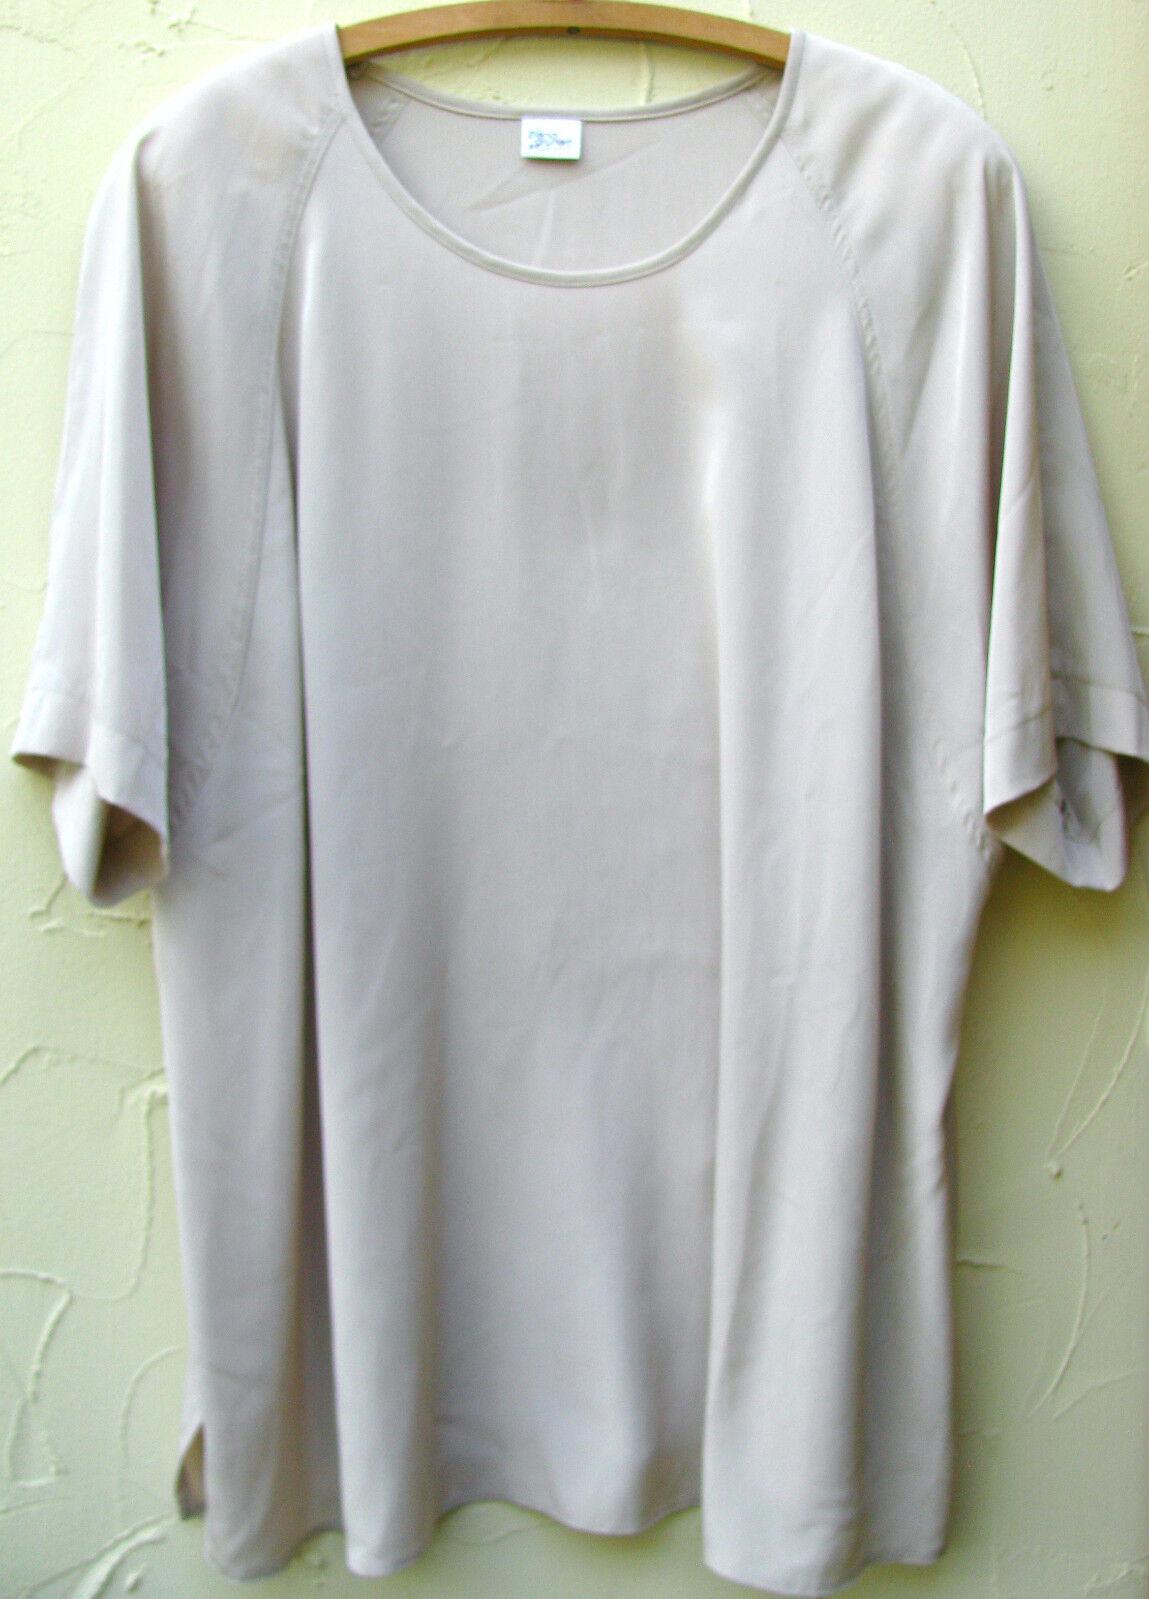 ELENA GRUNERT Shirt Blause Gr.52 Champagner Taupe Übergröße XL edel Beige Top